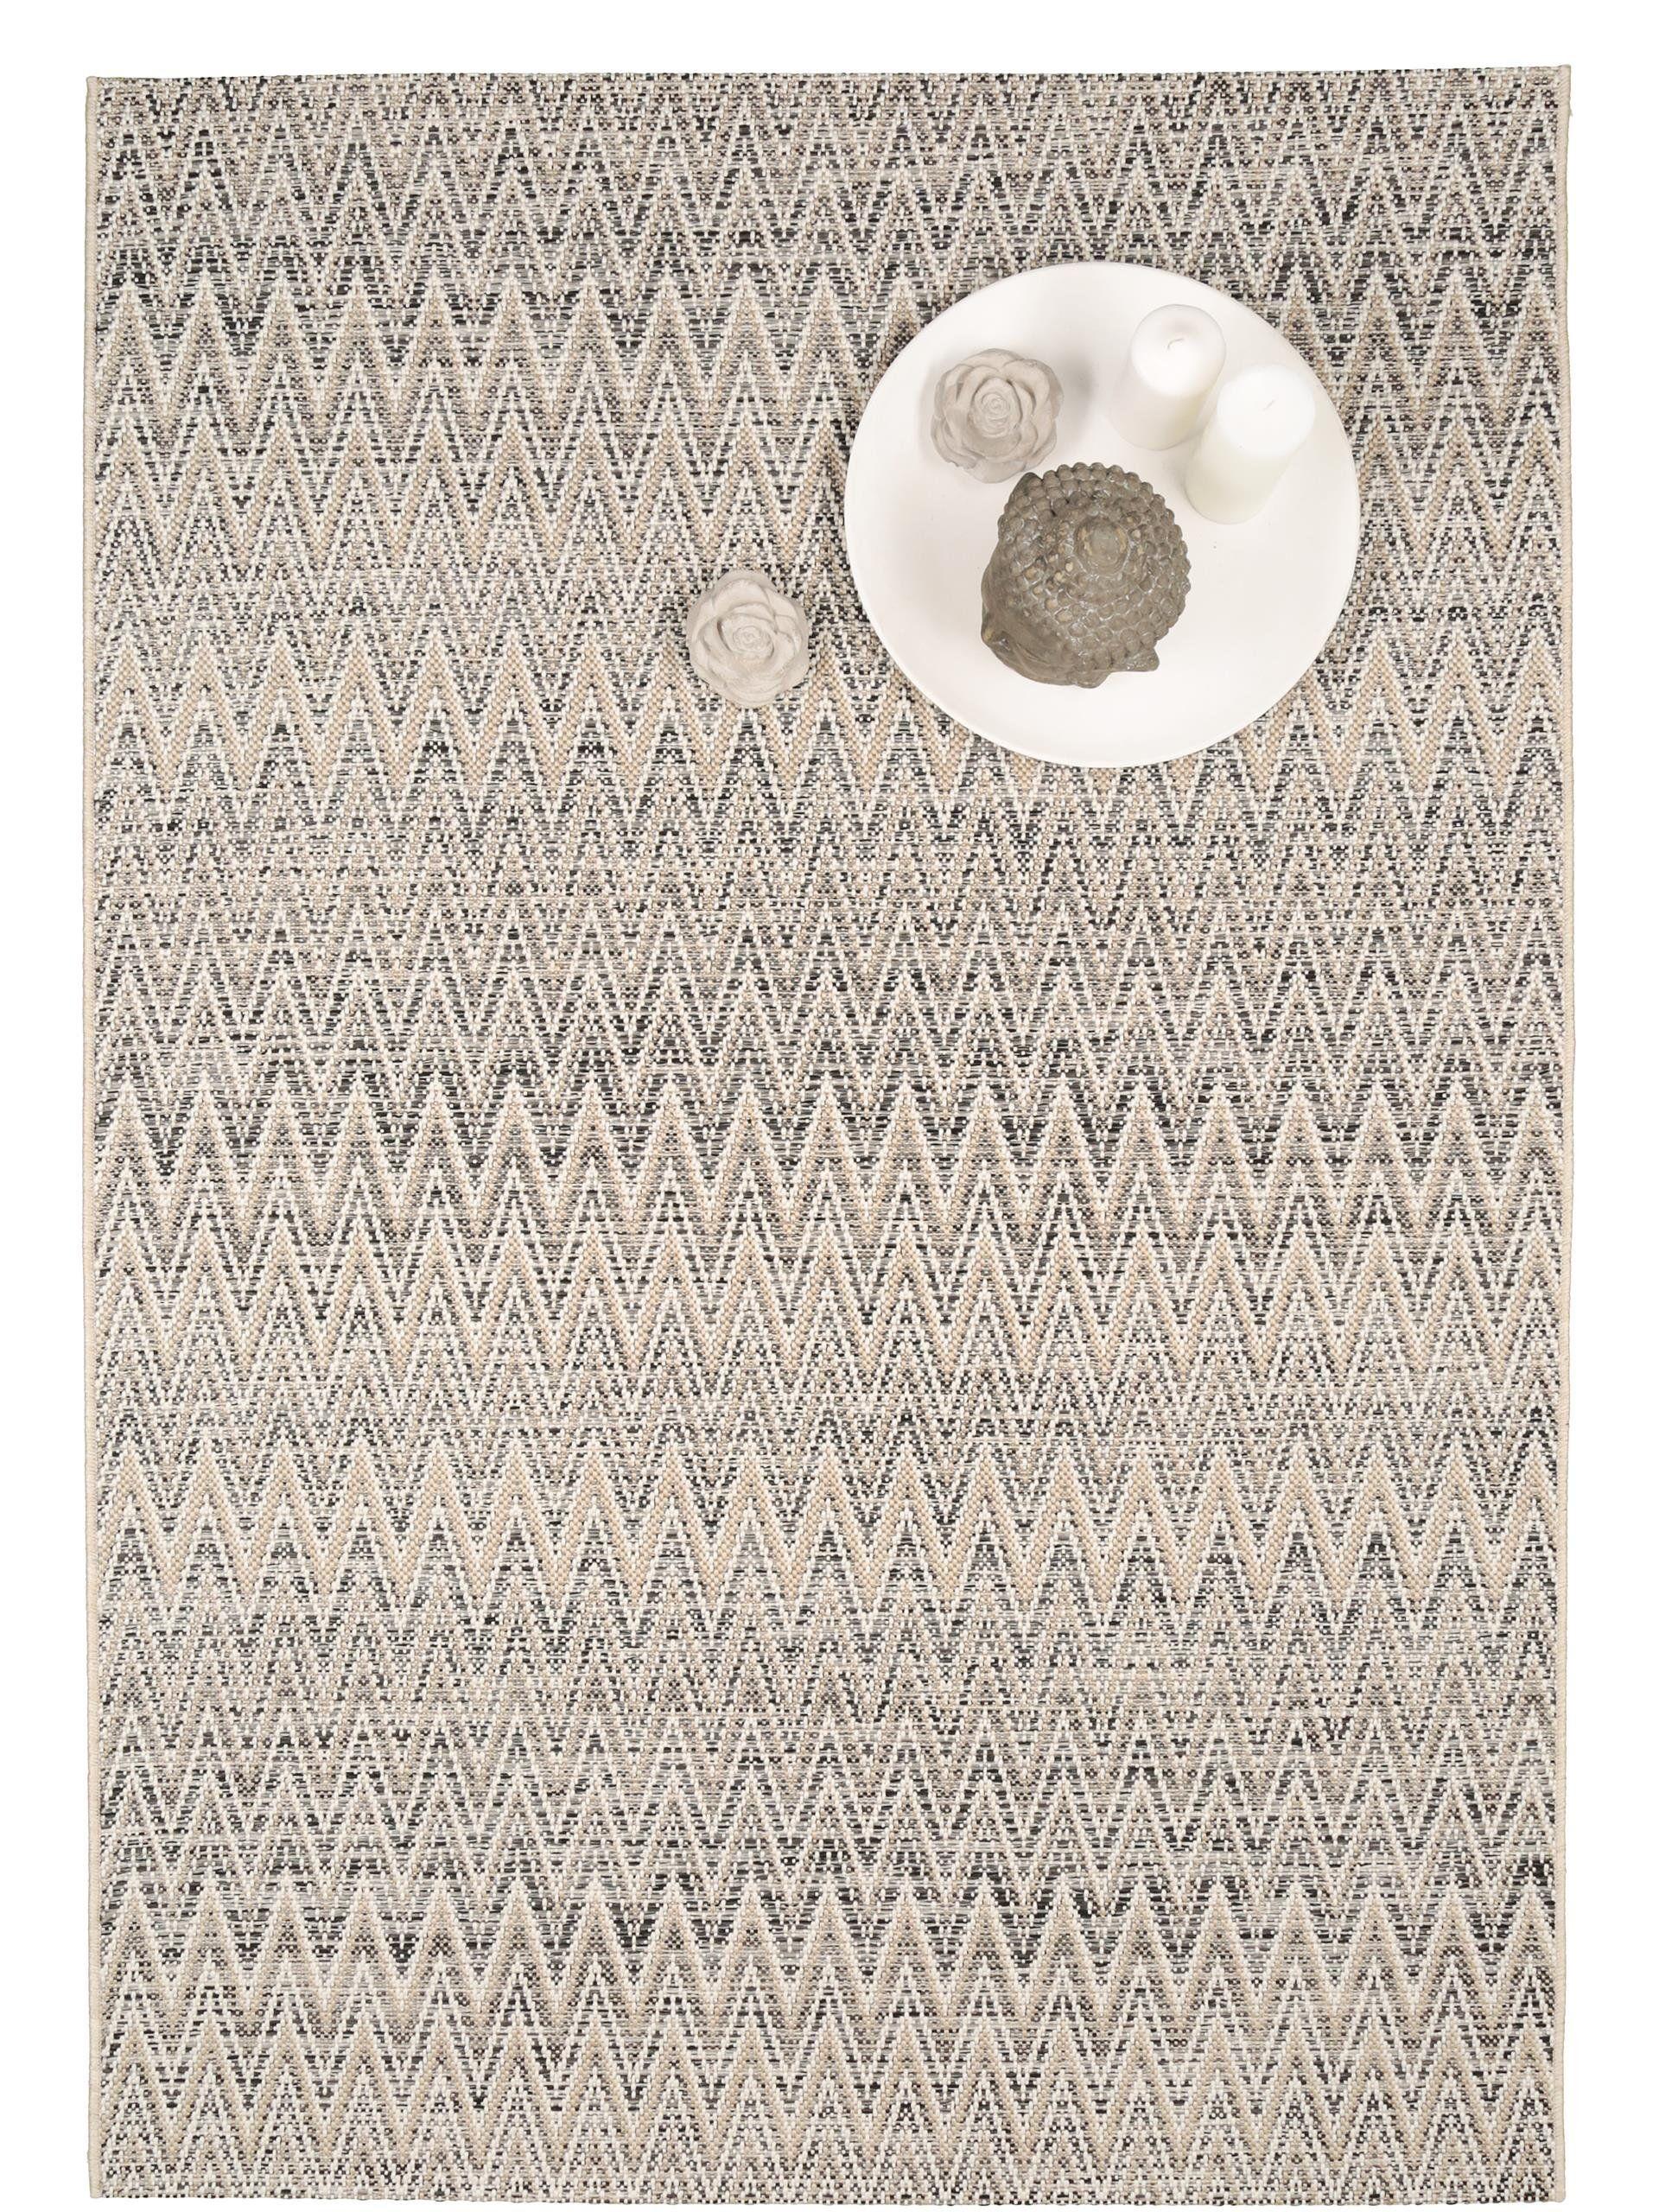 benuta teppiche moderner designer flachgewebe teppich vora zick zack beige 160x230 cm. Black Bedroom Furniture Sets. Home Design Ideas